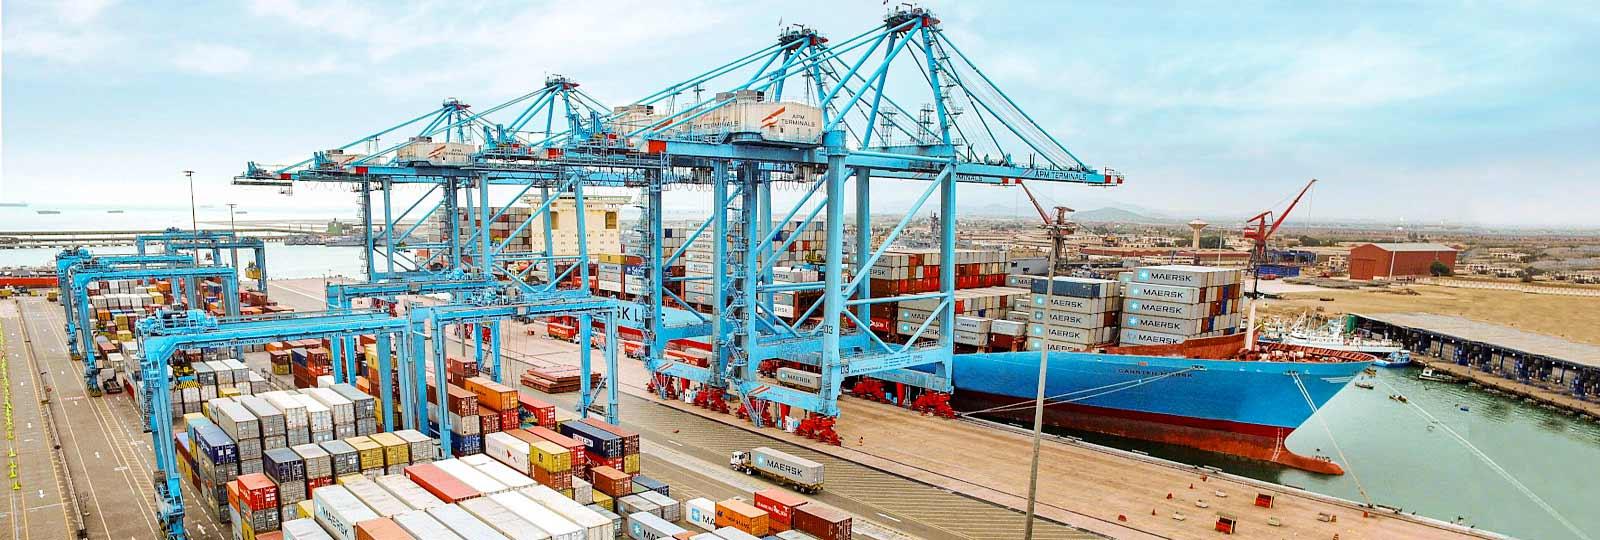 apm-peruvian-om-ship-chandler-callao-peru-port